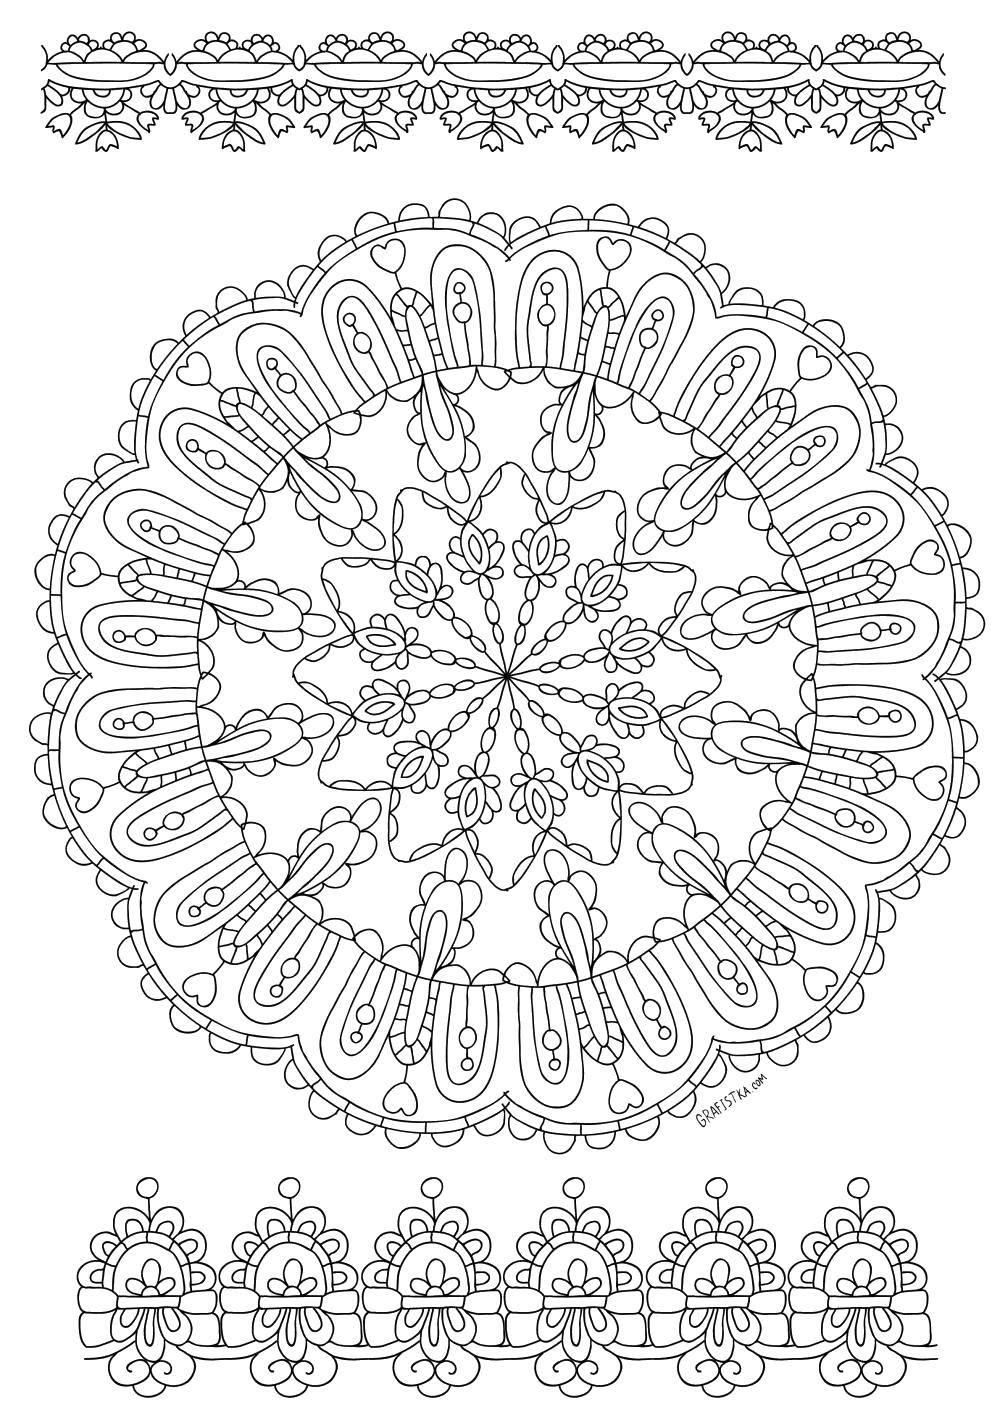 Раскраски узорный, Раскраска Узорный скорпион узоры.